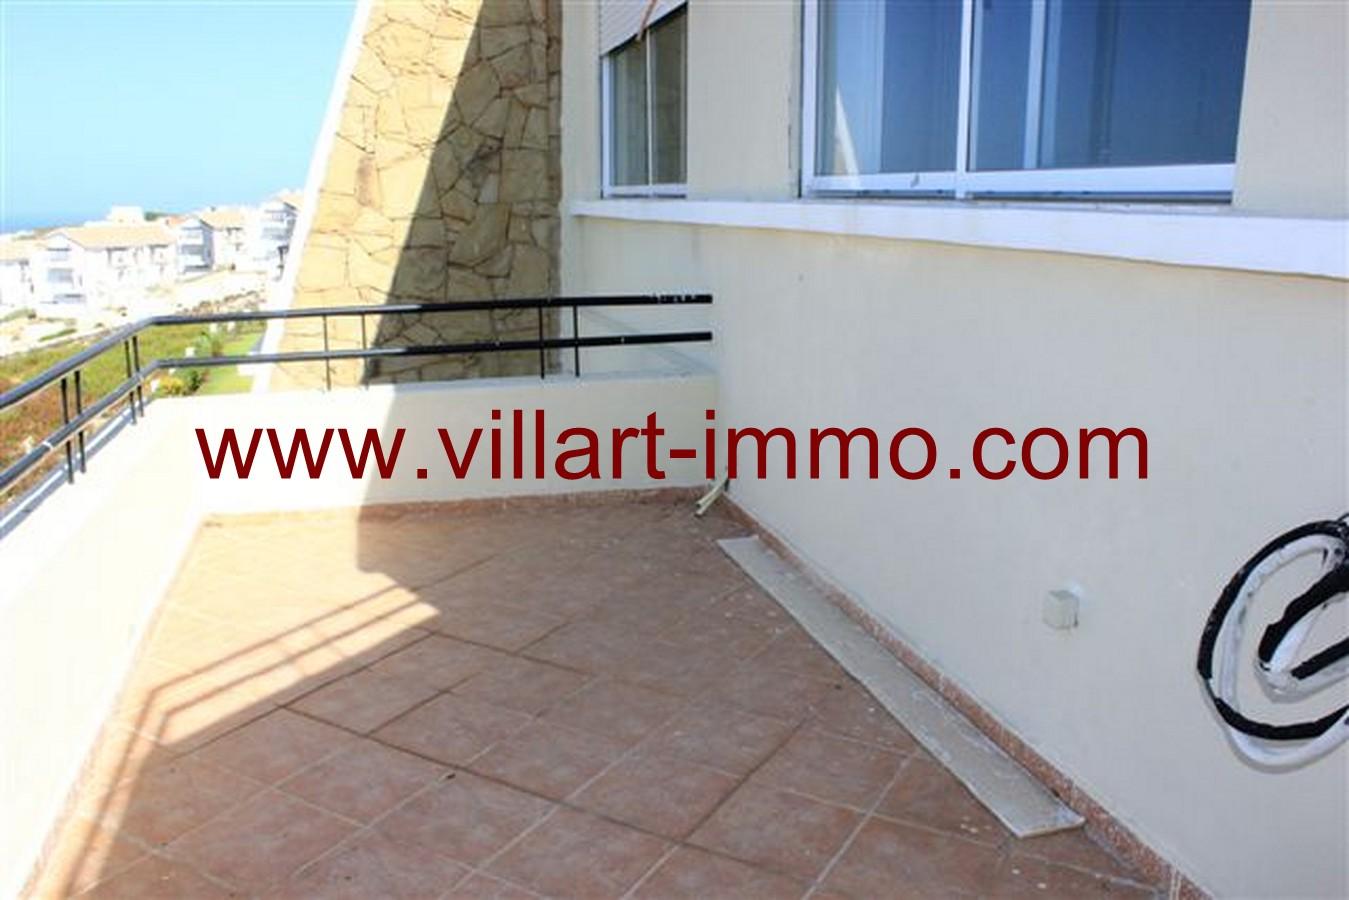 9-Vente-Appartement-Tanger-Malabata-Projet-MIR3-Villart Immo